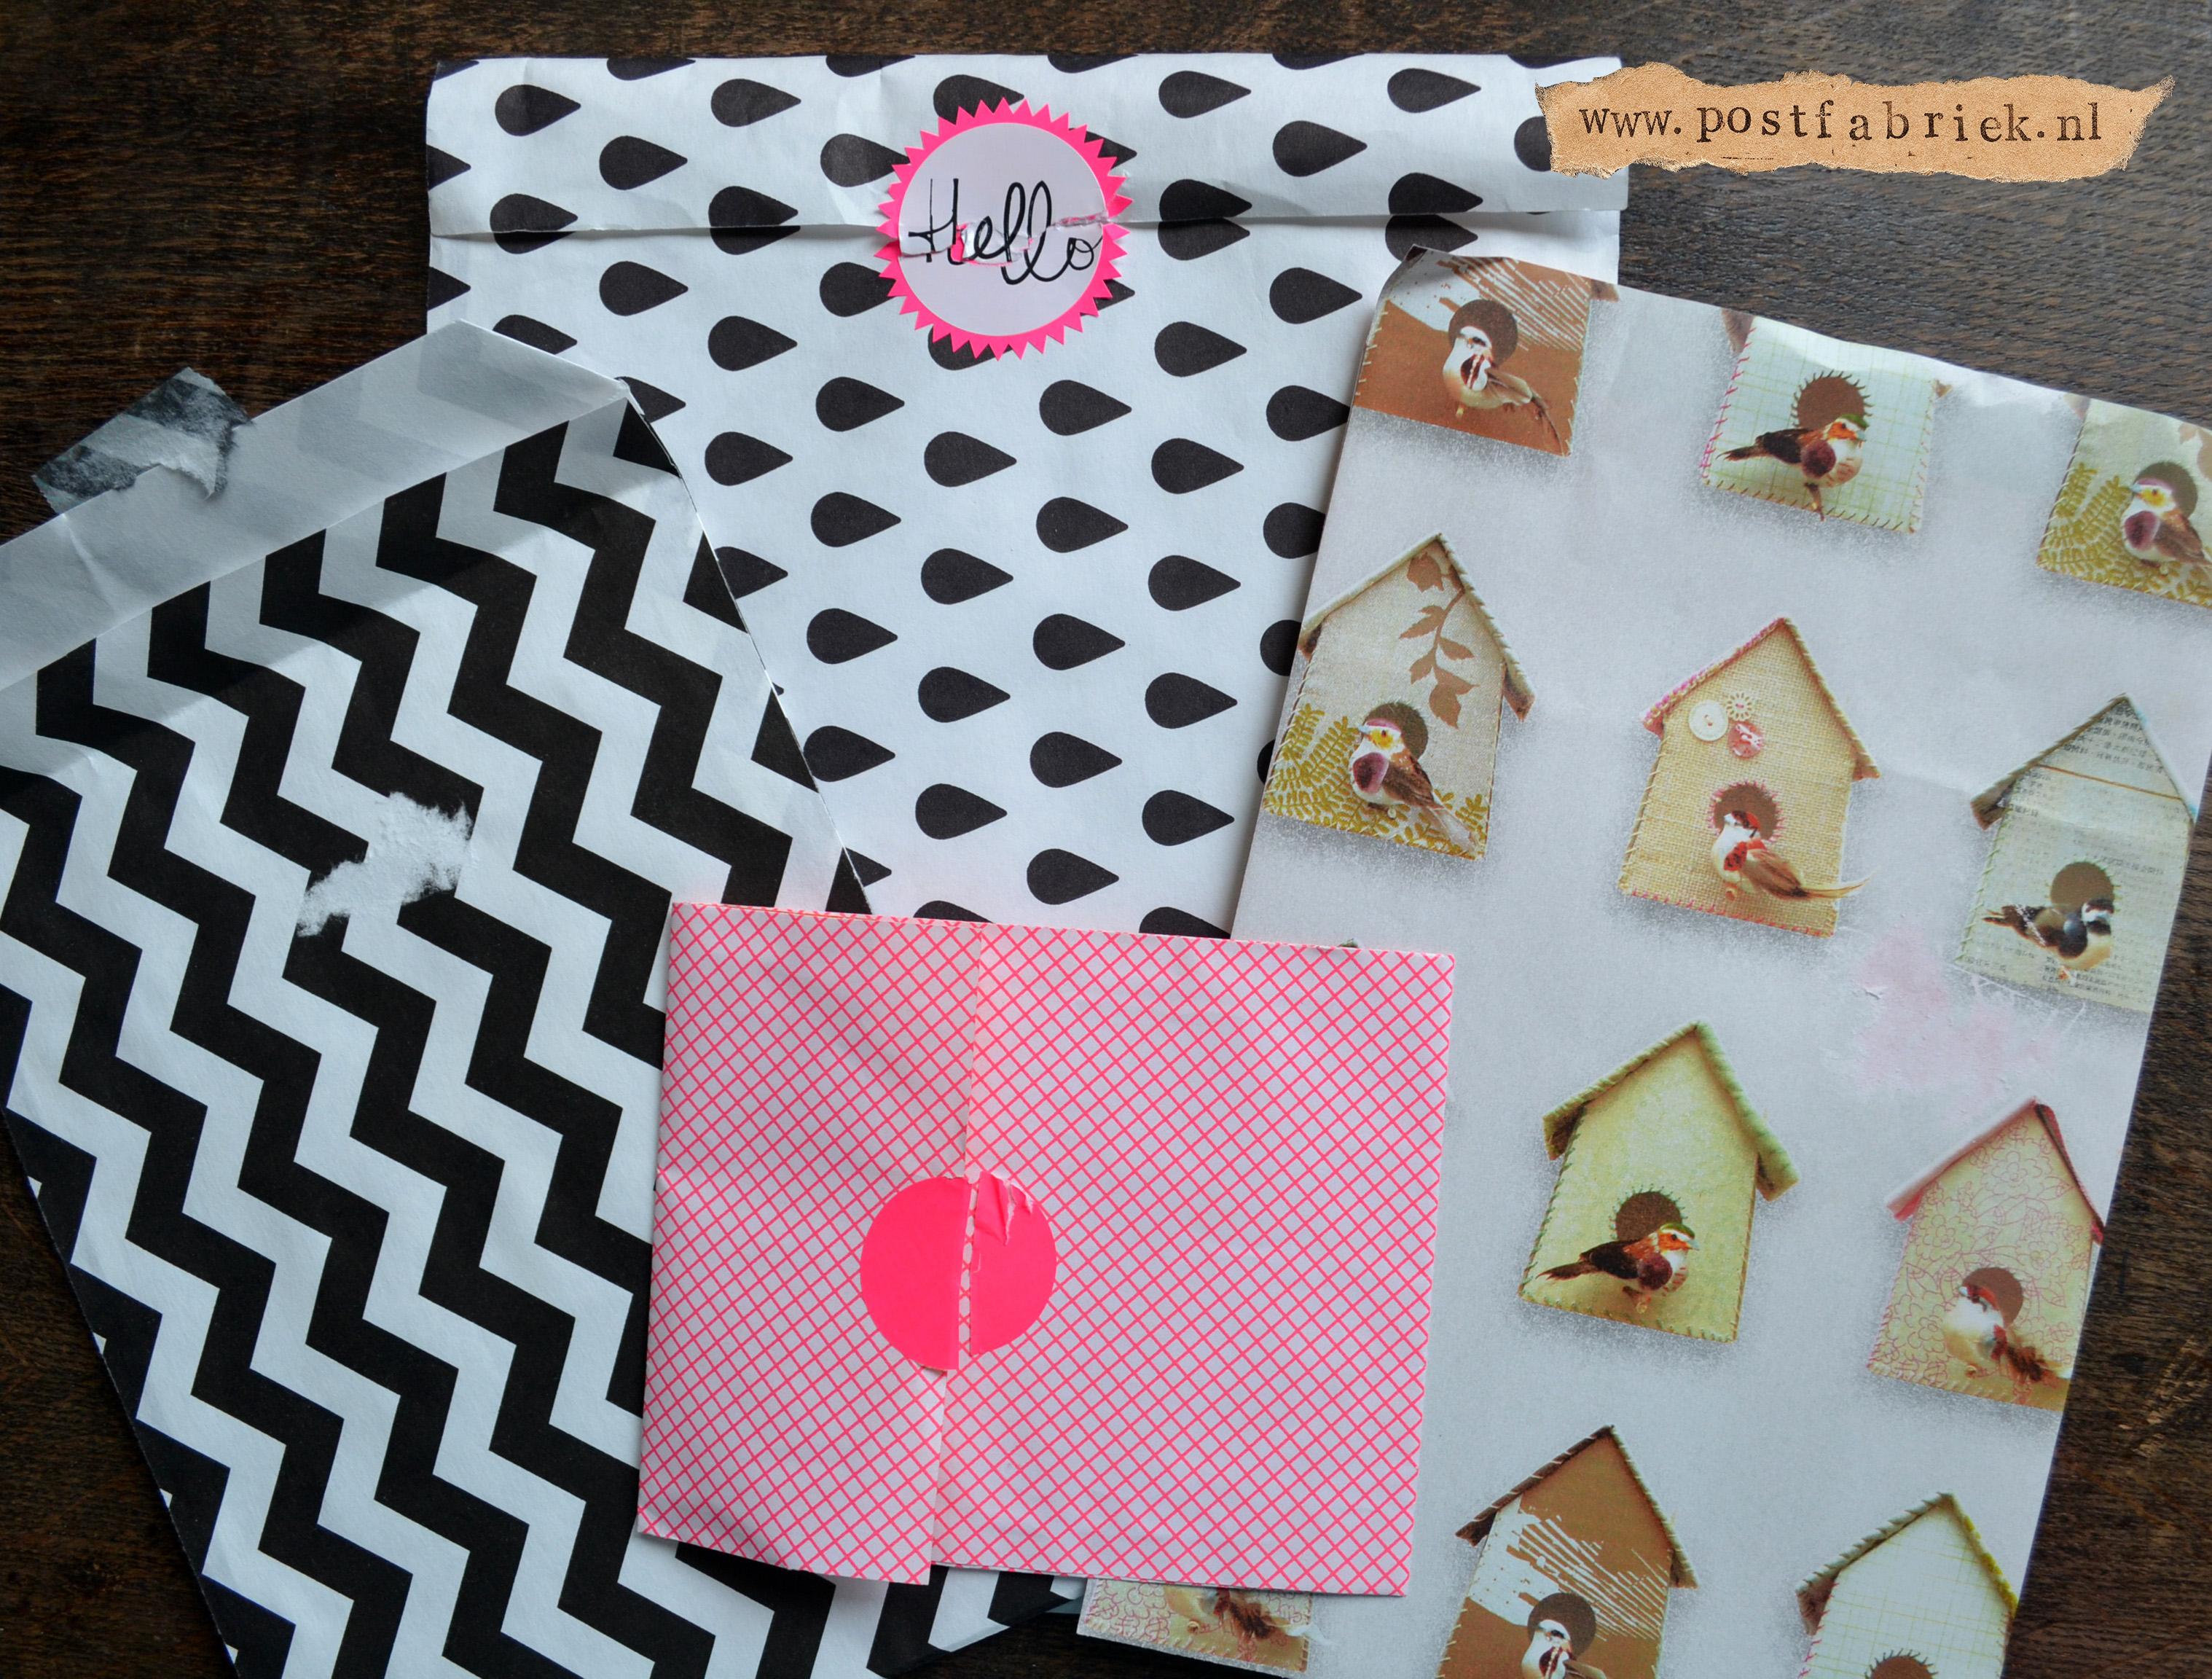 Dol op papieren zakjes postfabriek - Tuinuitleg met kiezelstenen ...